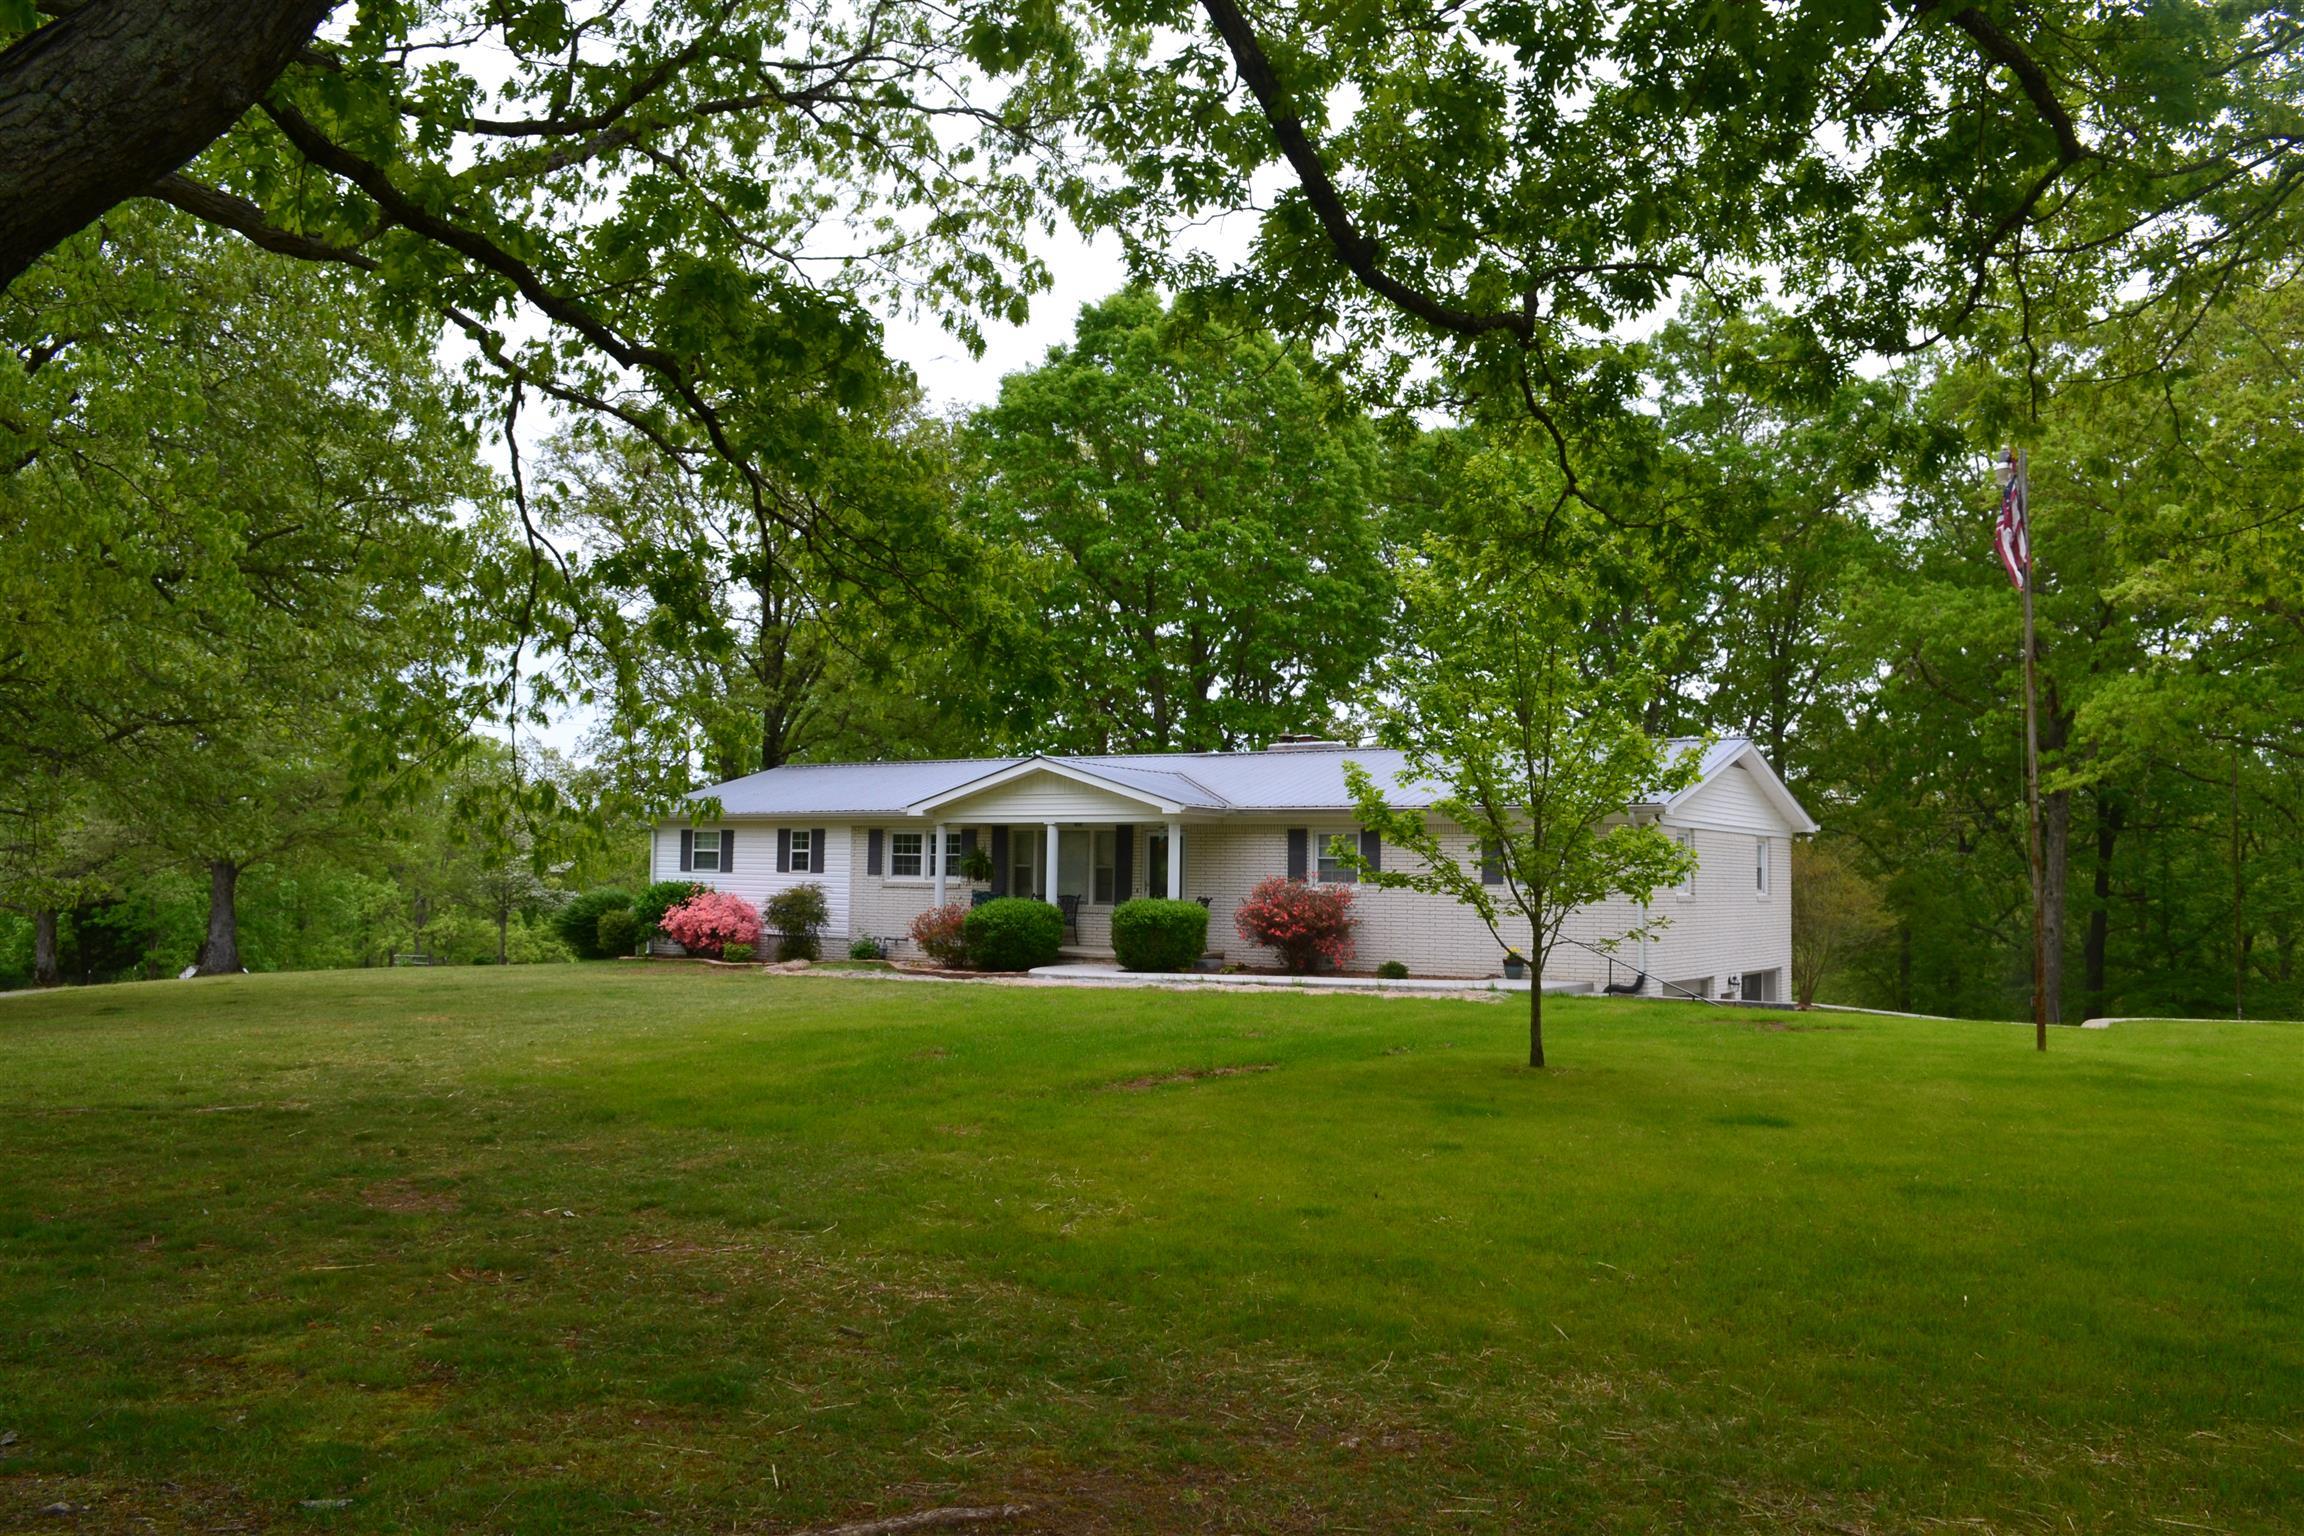 165 Lakeview Ln Mcewen, TN 37101